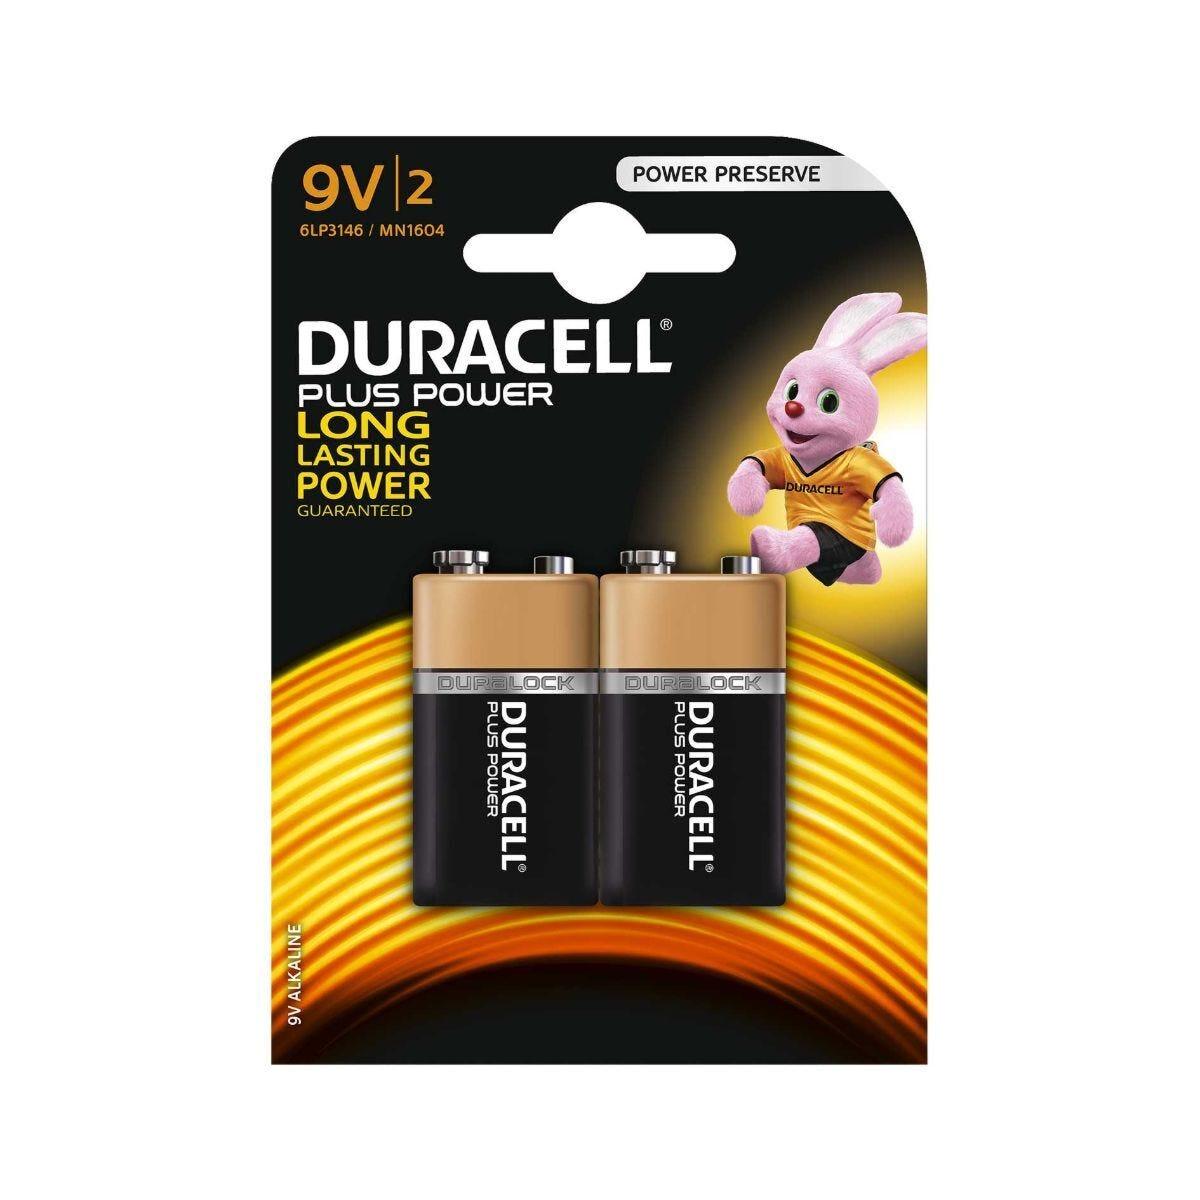 Duracell Duralock Plus Power 9v Pack of 2